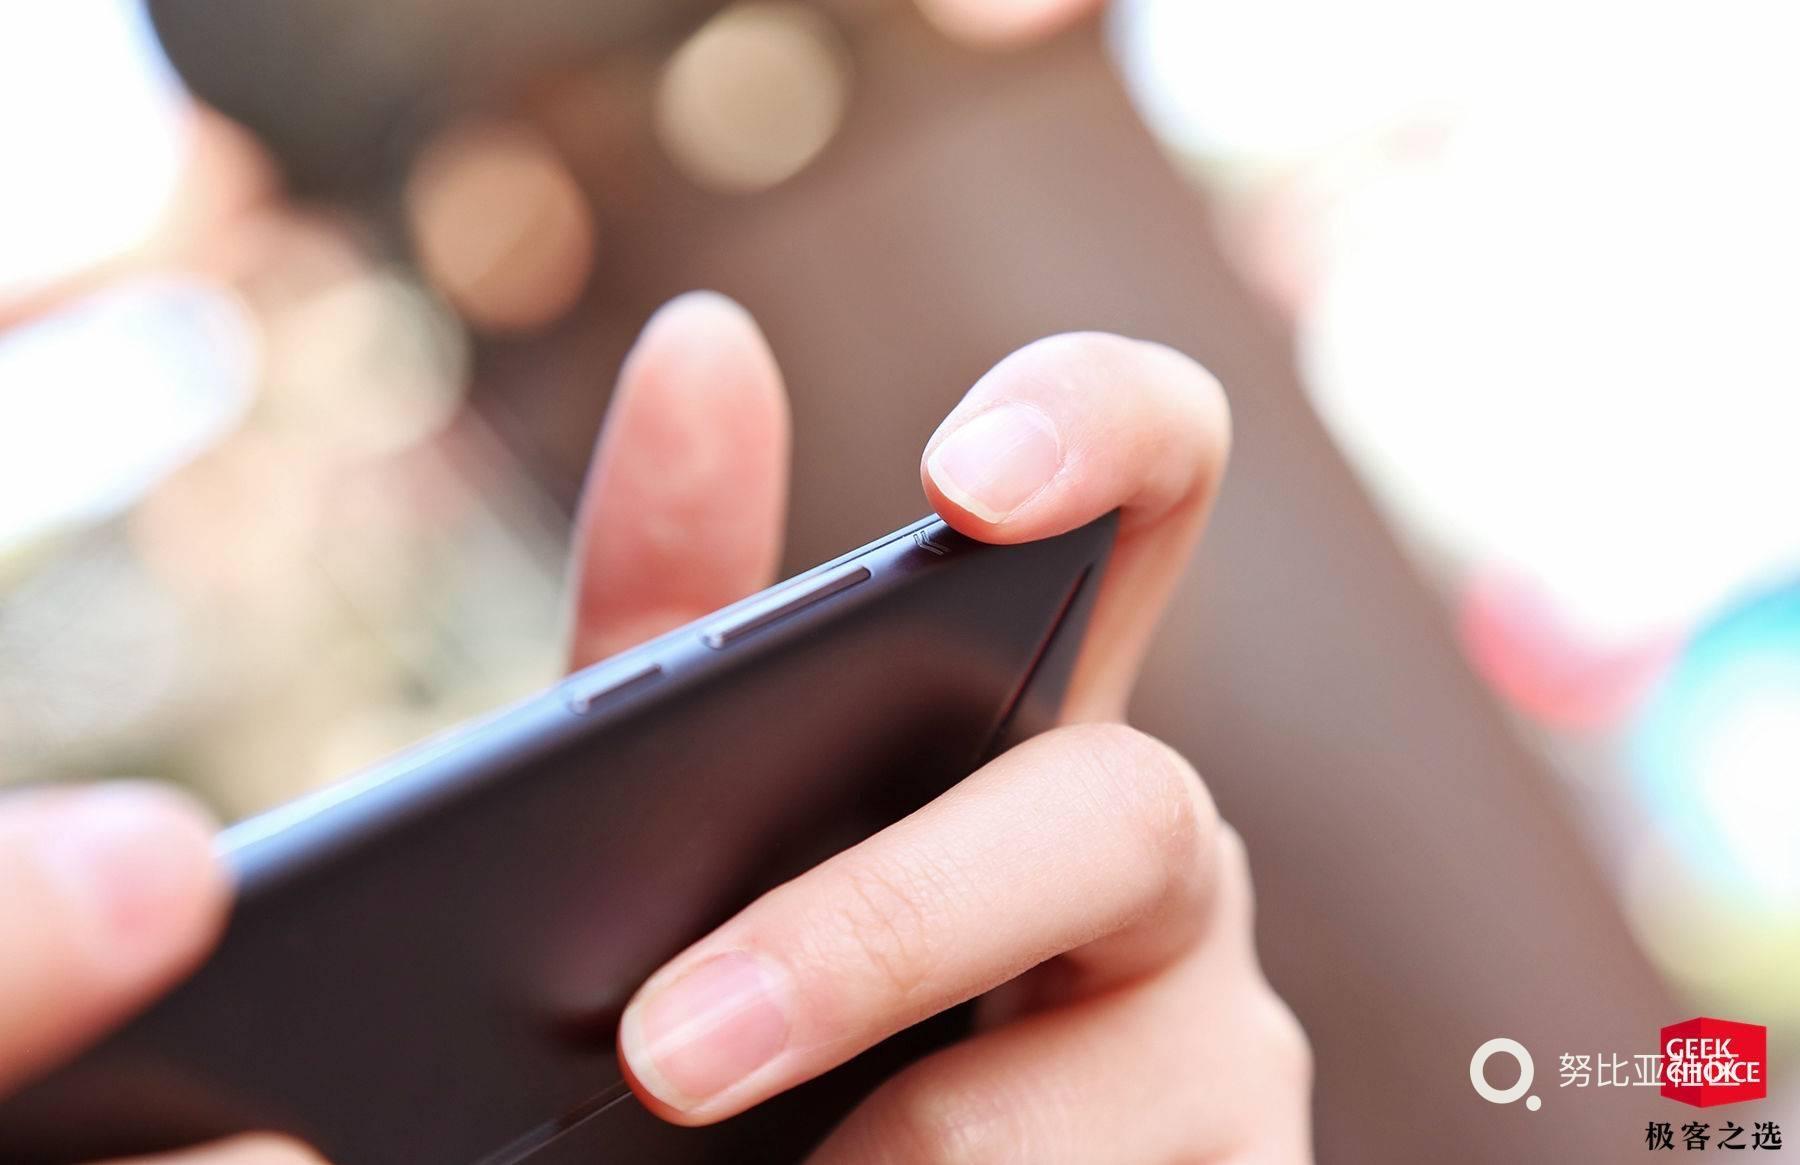 红魔Mars电竞手机实际体验怎样?首批用户反馈说明一切